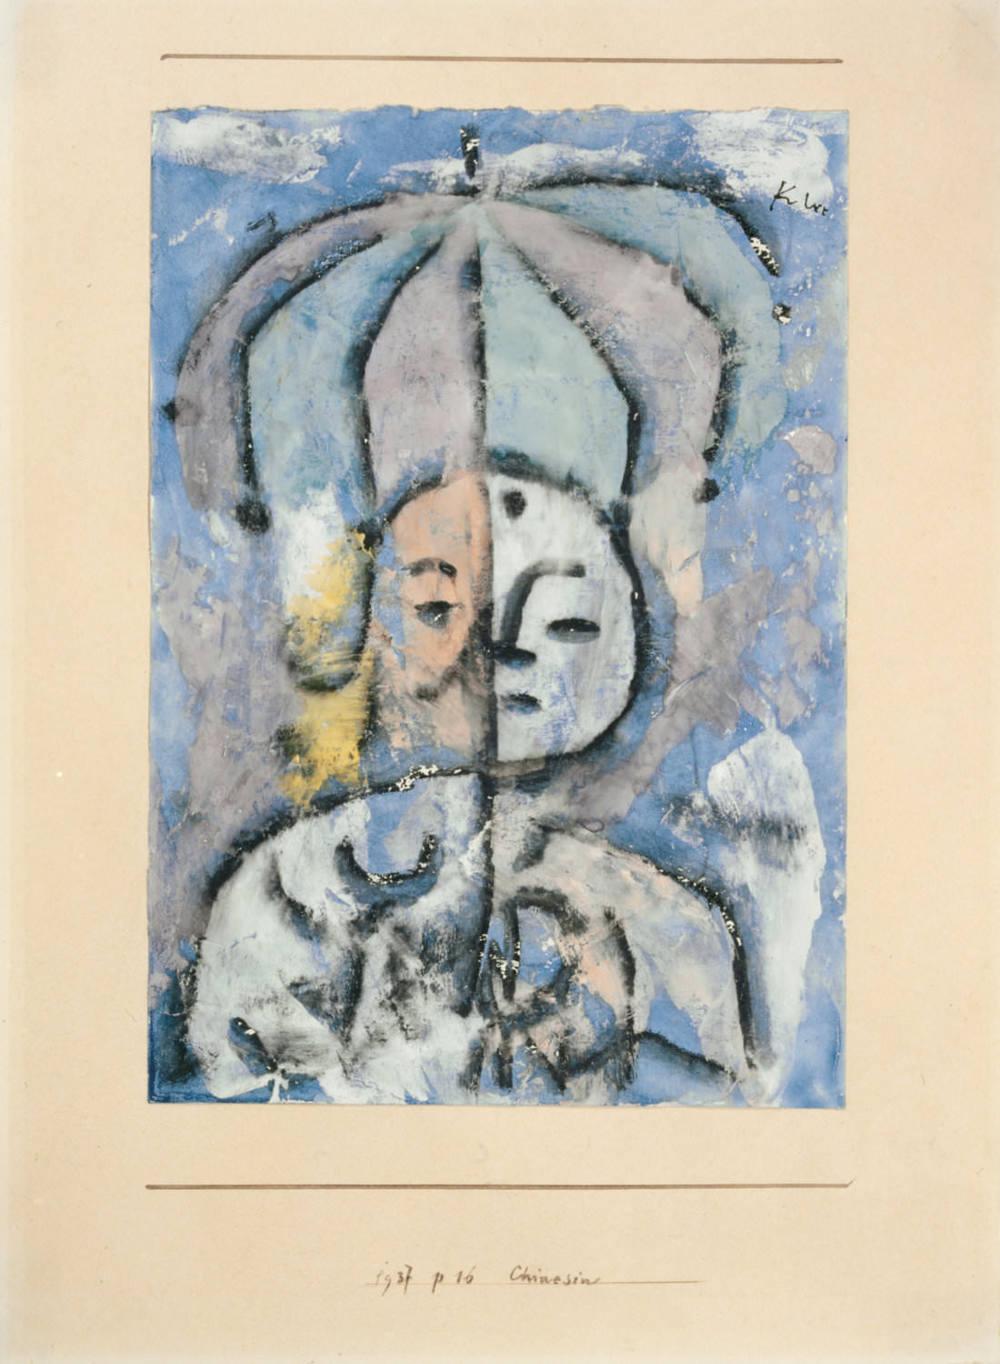 Abb. 16:Paul Klee,Chinesin, 1937, 116,Kohle und Aquarell auf Grundierung auf Papier auf Karton, 24 x 17 cm,Privatbesitz, Schweiz © Zentrum Paul Klee, Bern, Bildarchiv